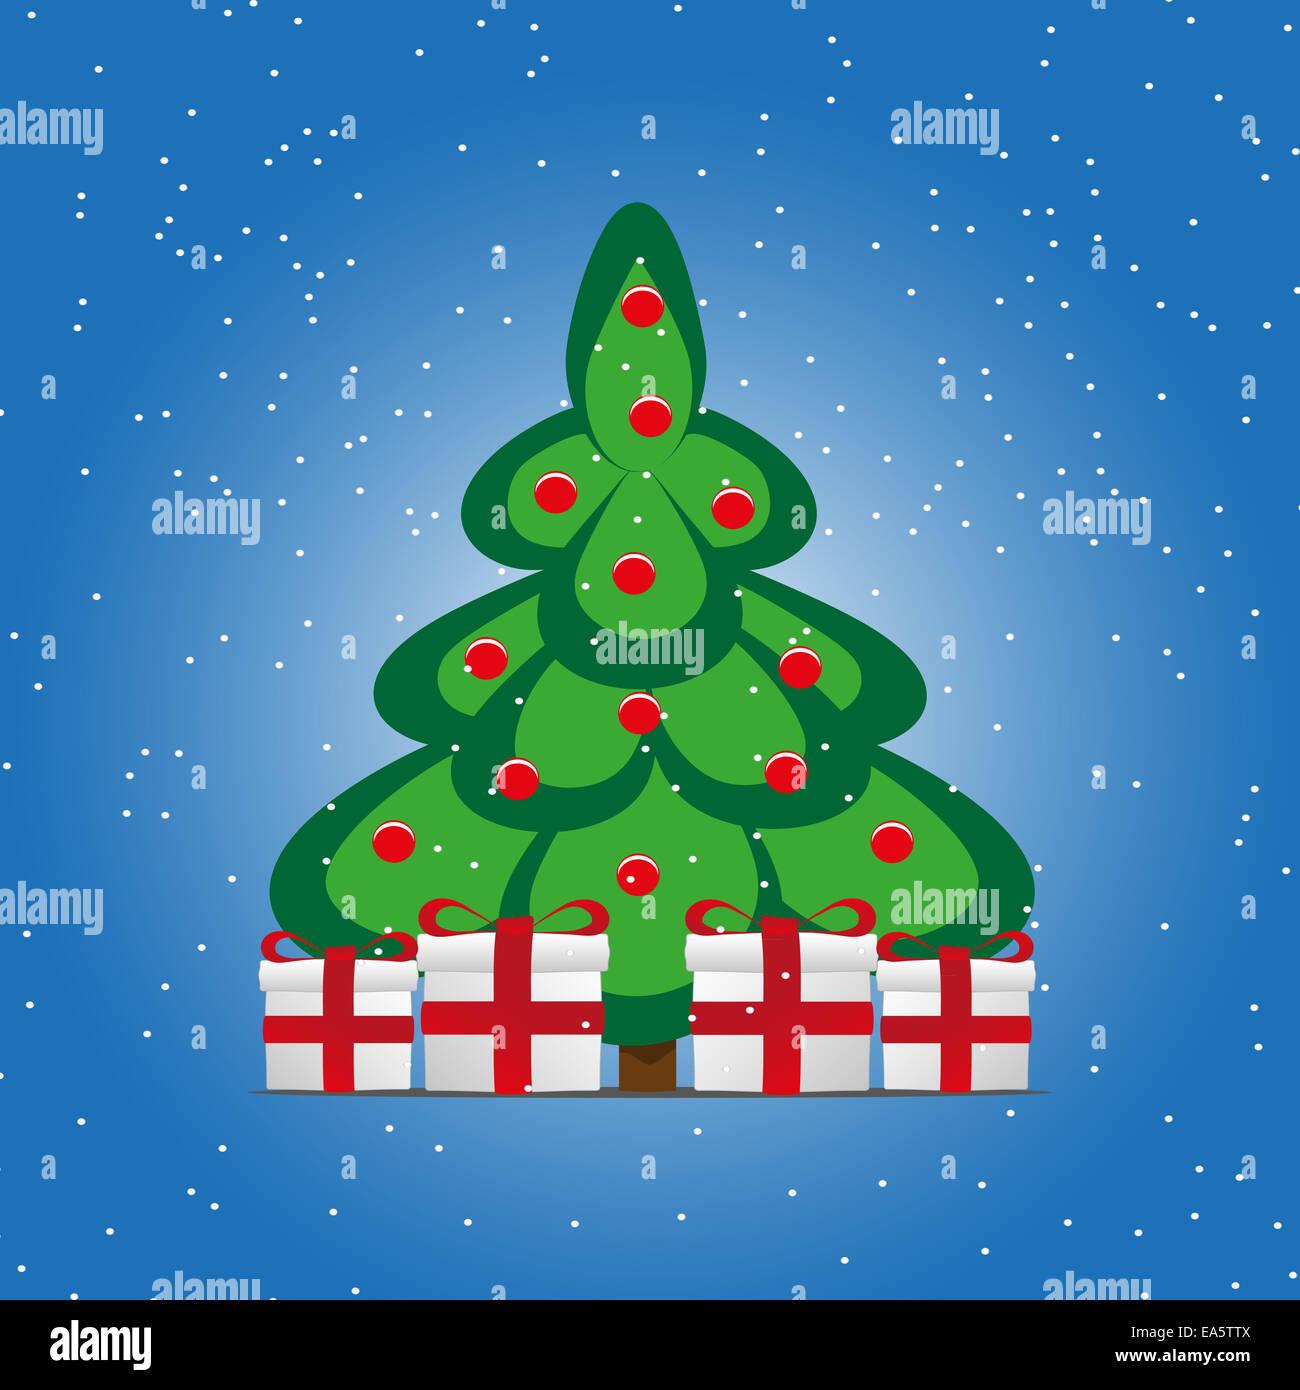 Cartoon-Weihnachtsbaum-Geschenk-Boxen Stockfoto, Bild: 75117306 - Alamy